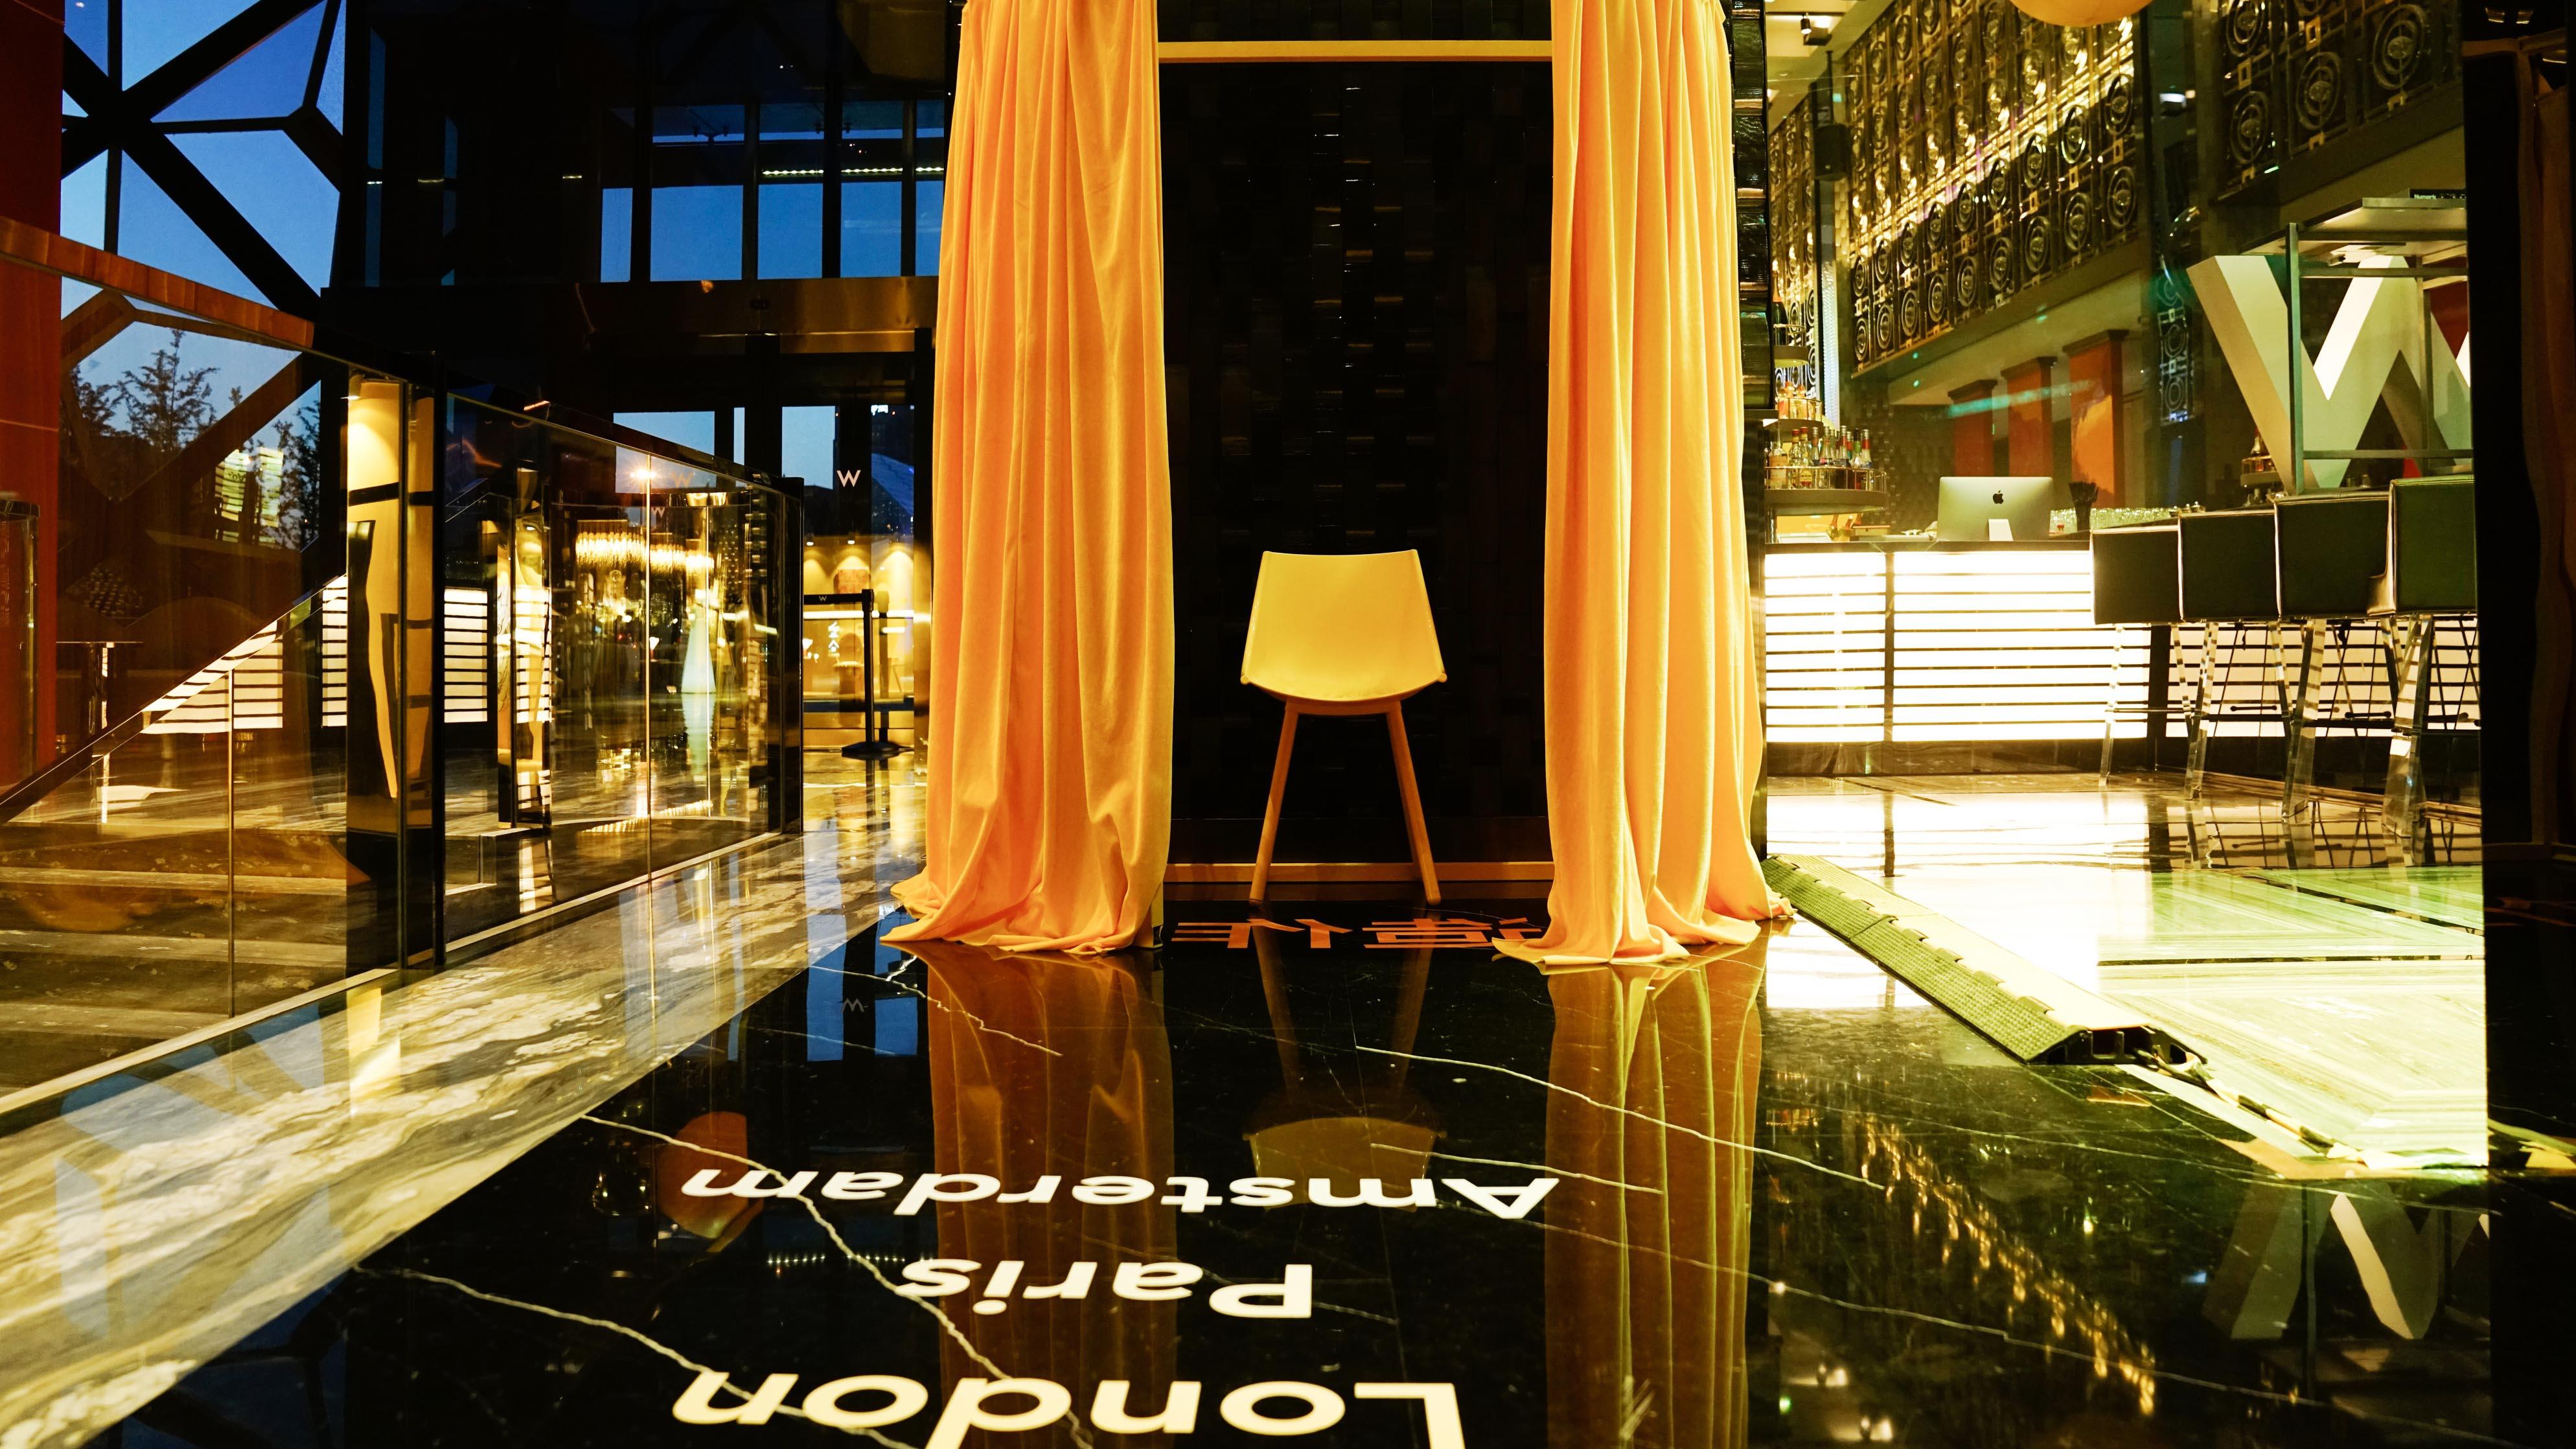 北京长安街 W 酒店 X 造作 | 5月京城最潮派对